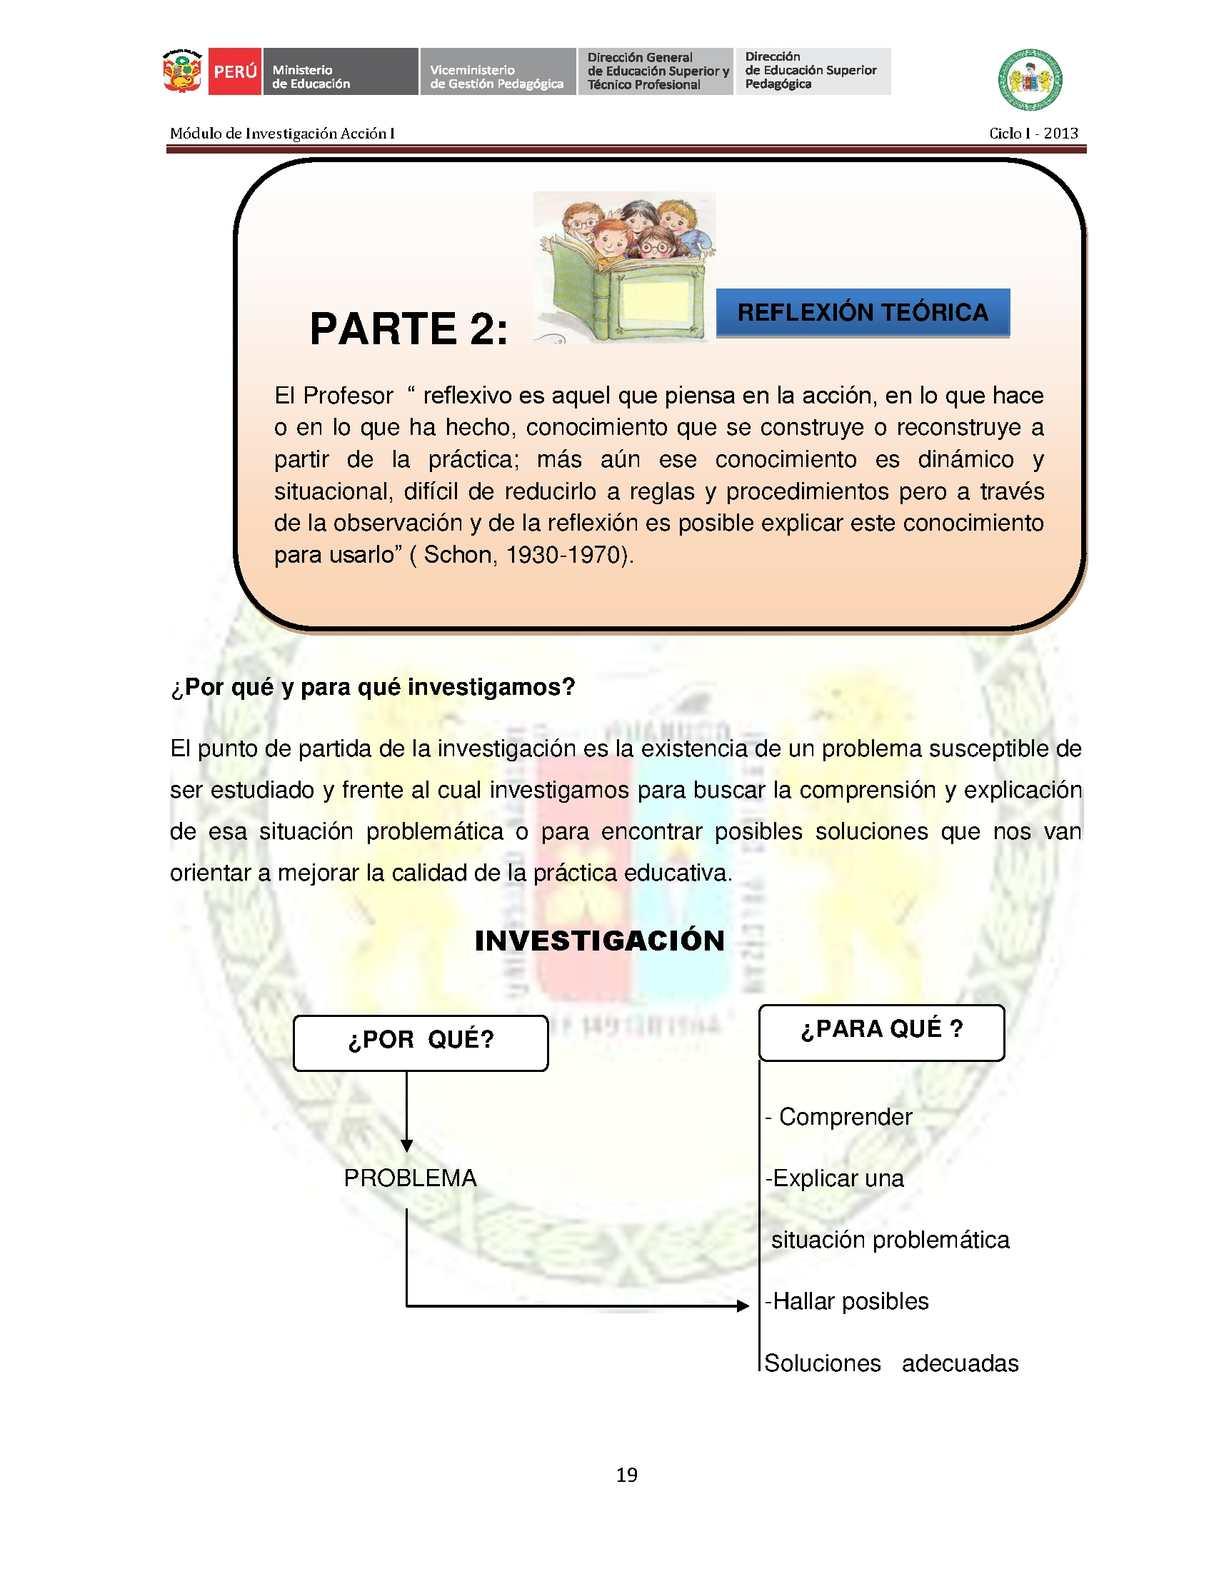 MODULO DE INVESTIGACION ACCIÓN - CALAMEO Downloader